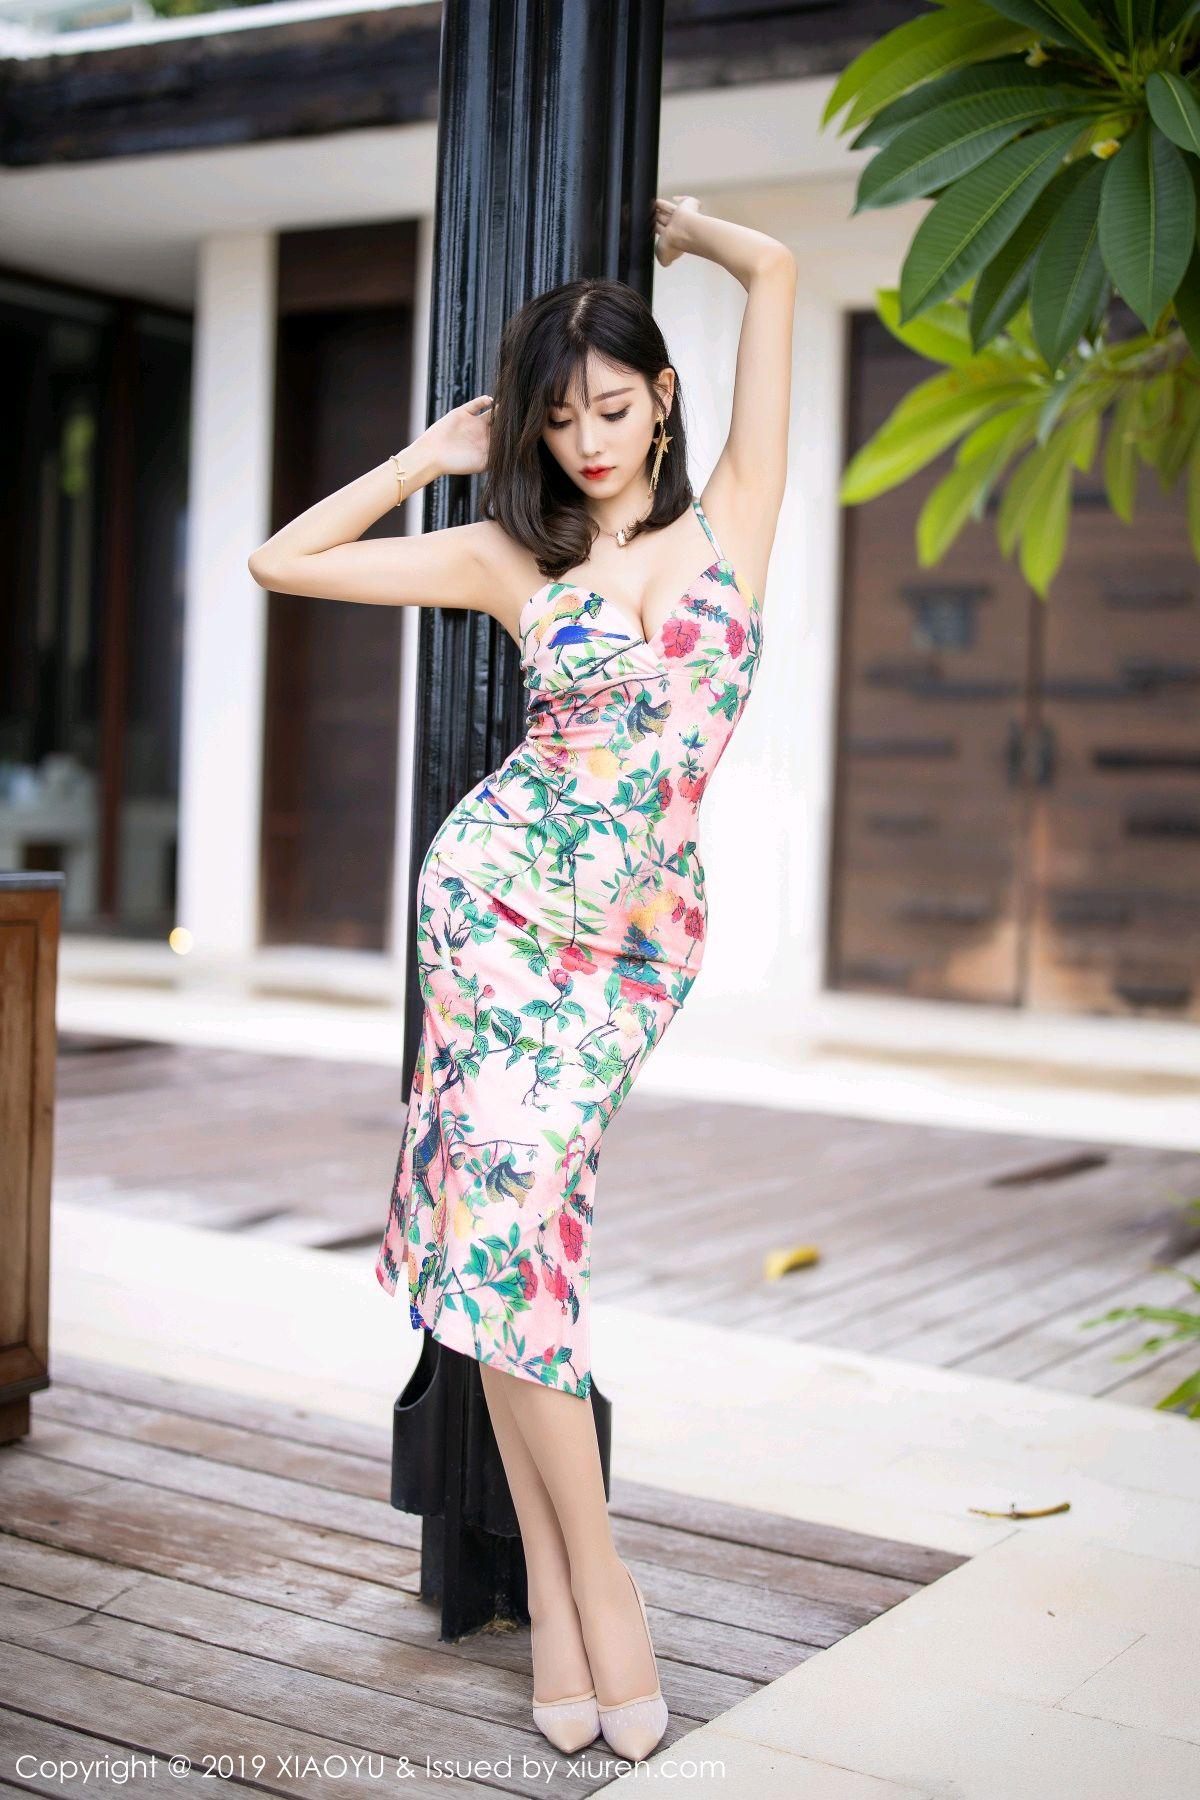 [XiaoYu] Vol.194 Yang Chen Chen 8P, Bikini, XiaoYu, Yang Chen Chen